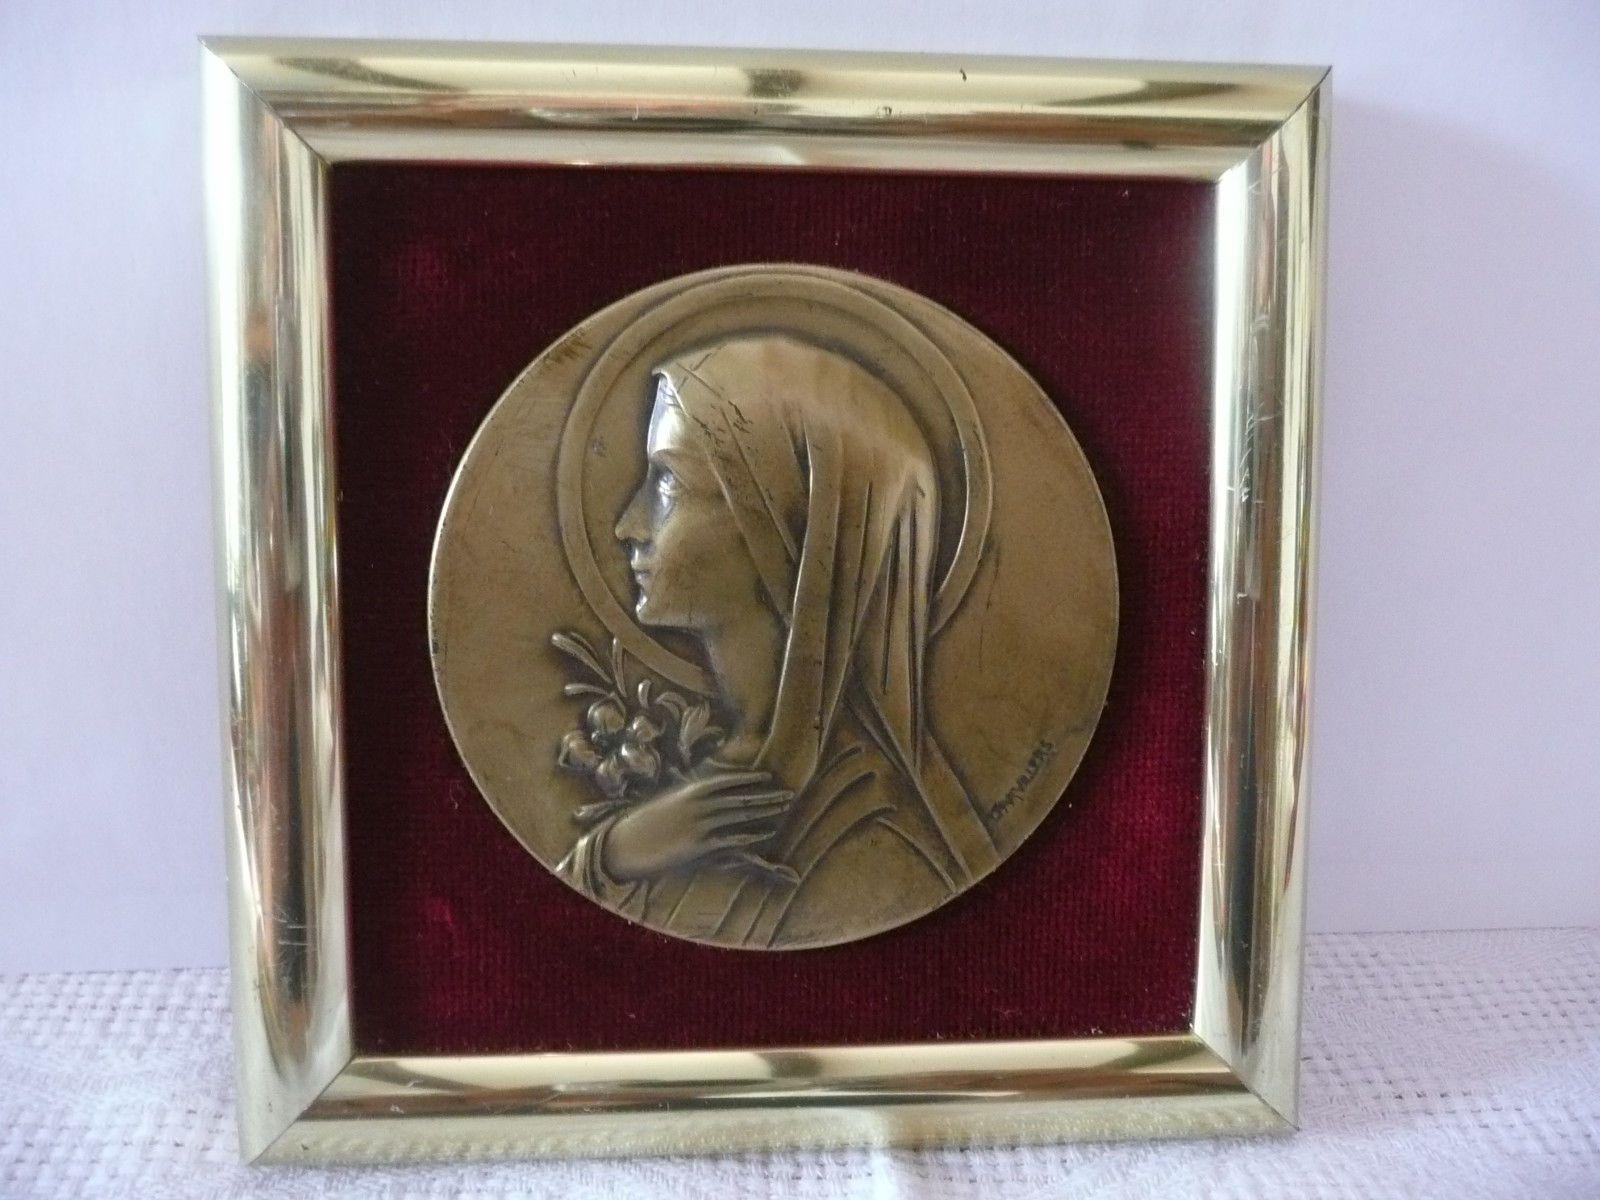 Tableau Vierge Marie Laiton Et Velours Dieu Eur 3 00 Tableau Vierge Marie Dieu En Laiton Et Velours Signe Dimensions 11 5 Cm X 11 5 Cm Etat Corre